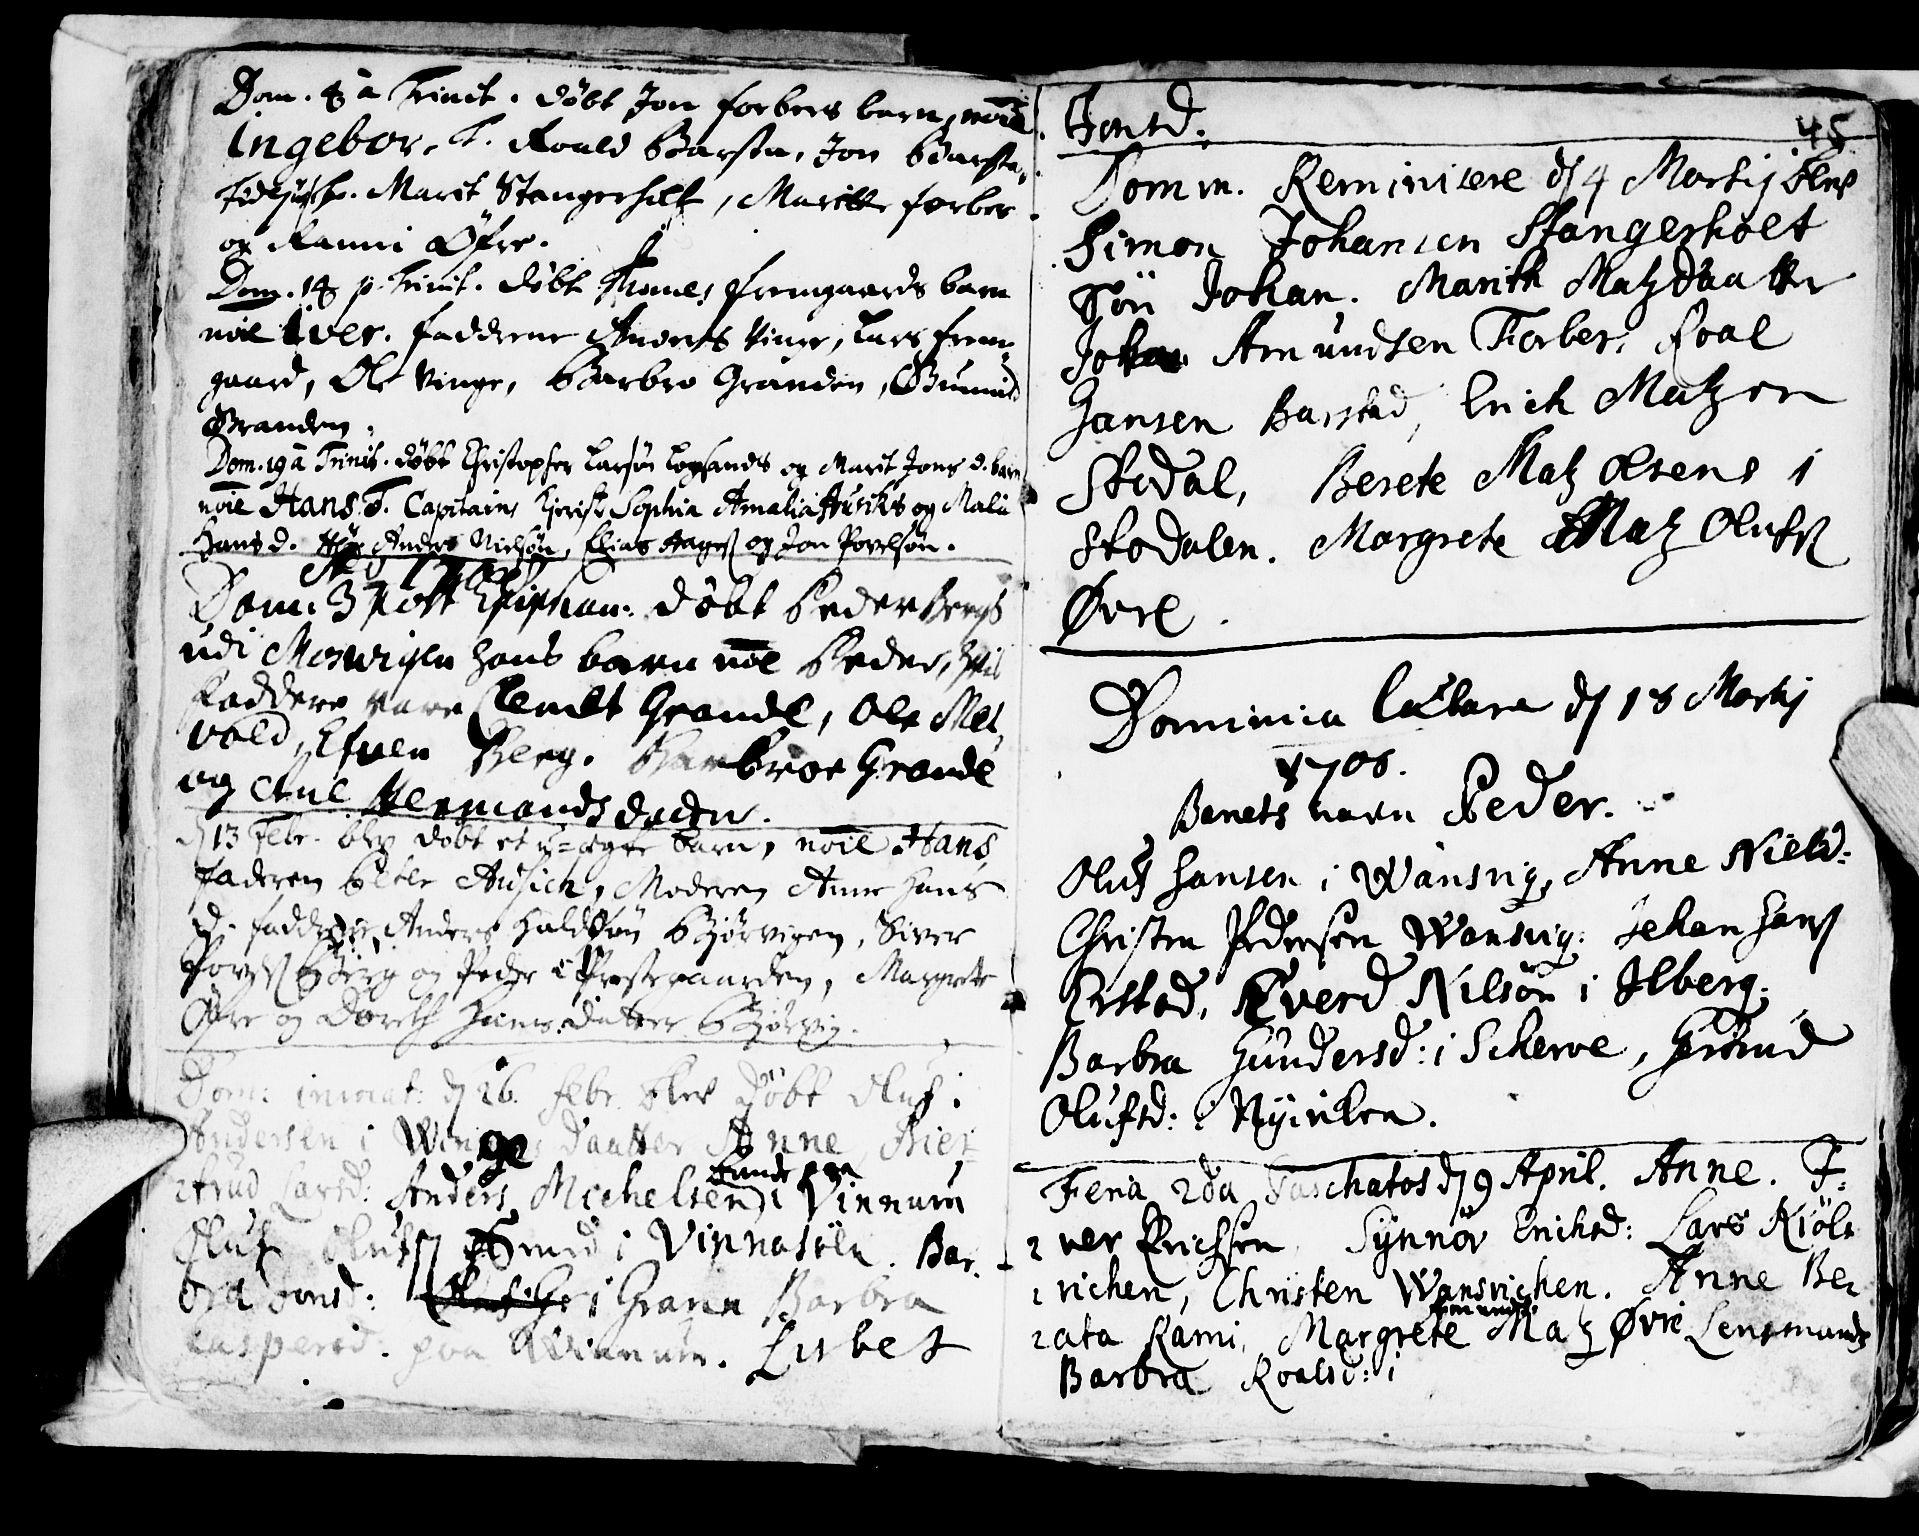 SAT, Ministerialprotokoller, klokkerbøker og fødselsregistre - Nord-Trøndelag, 722/L0214: Ministerialbok nr. 722A01, 1692-1718, s. 45